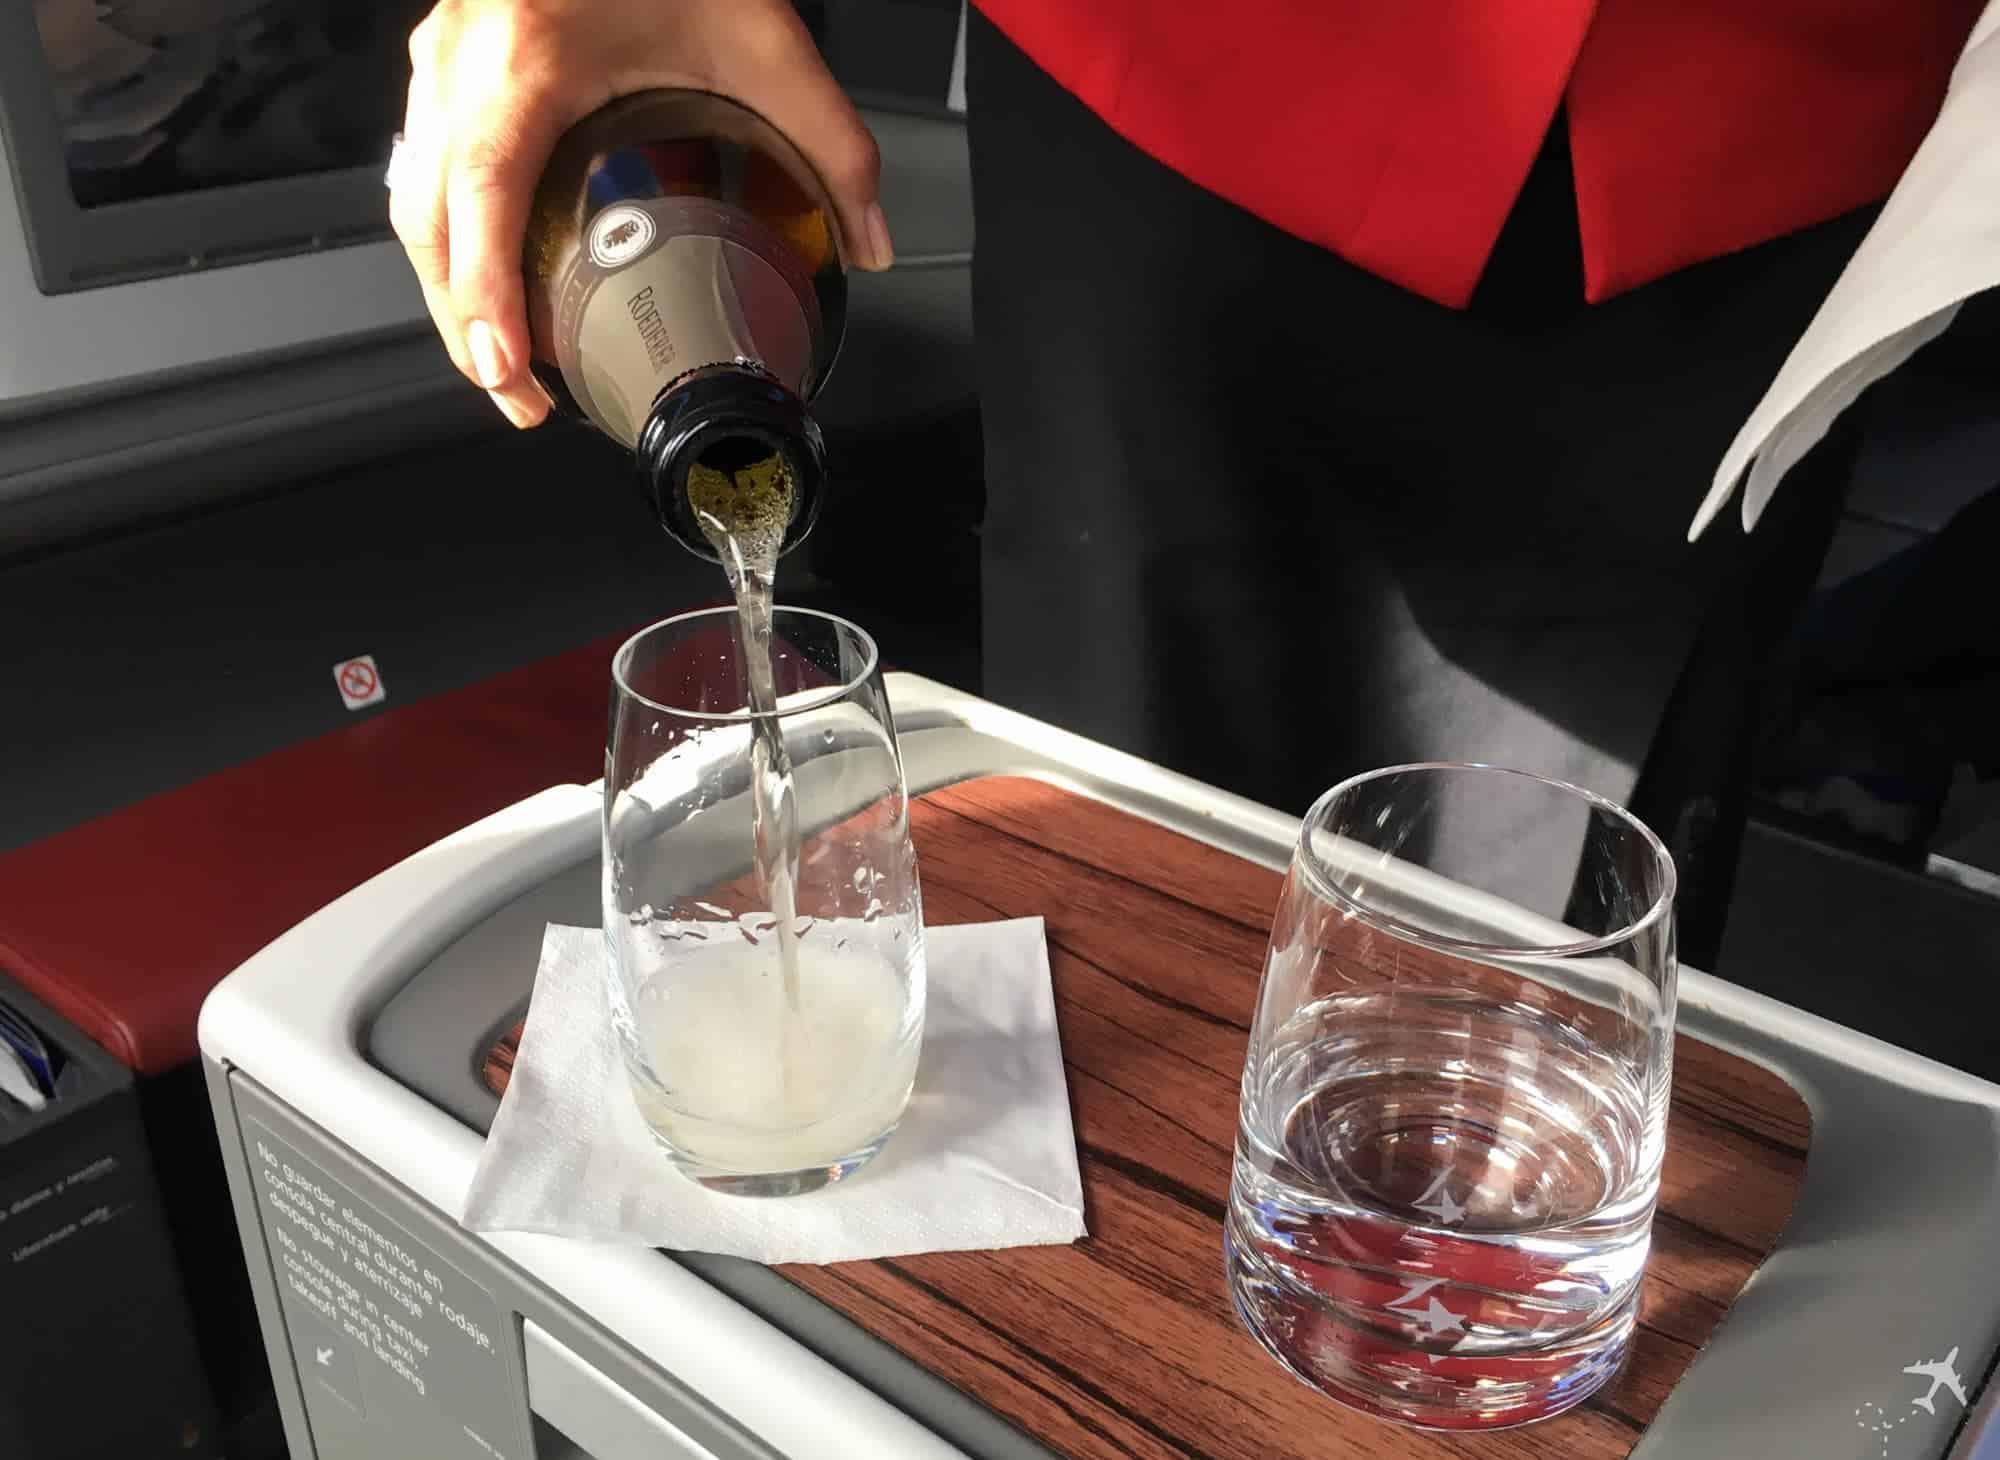 LATAM Boeing 787 Business Class Refill